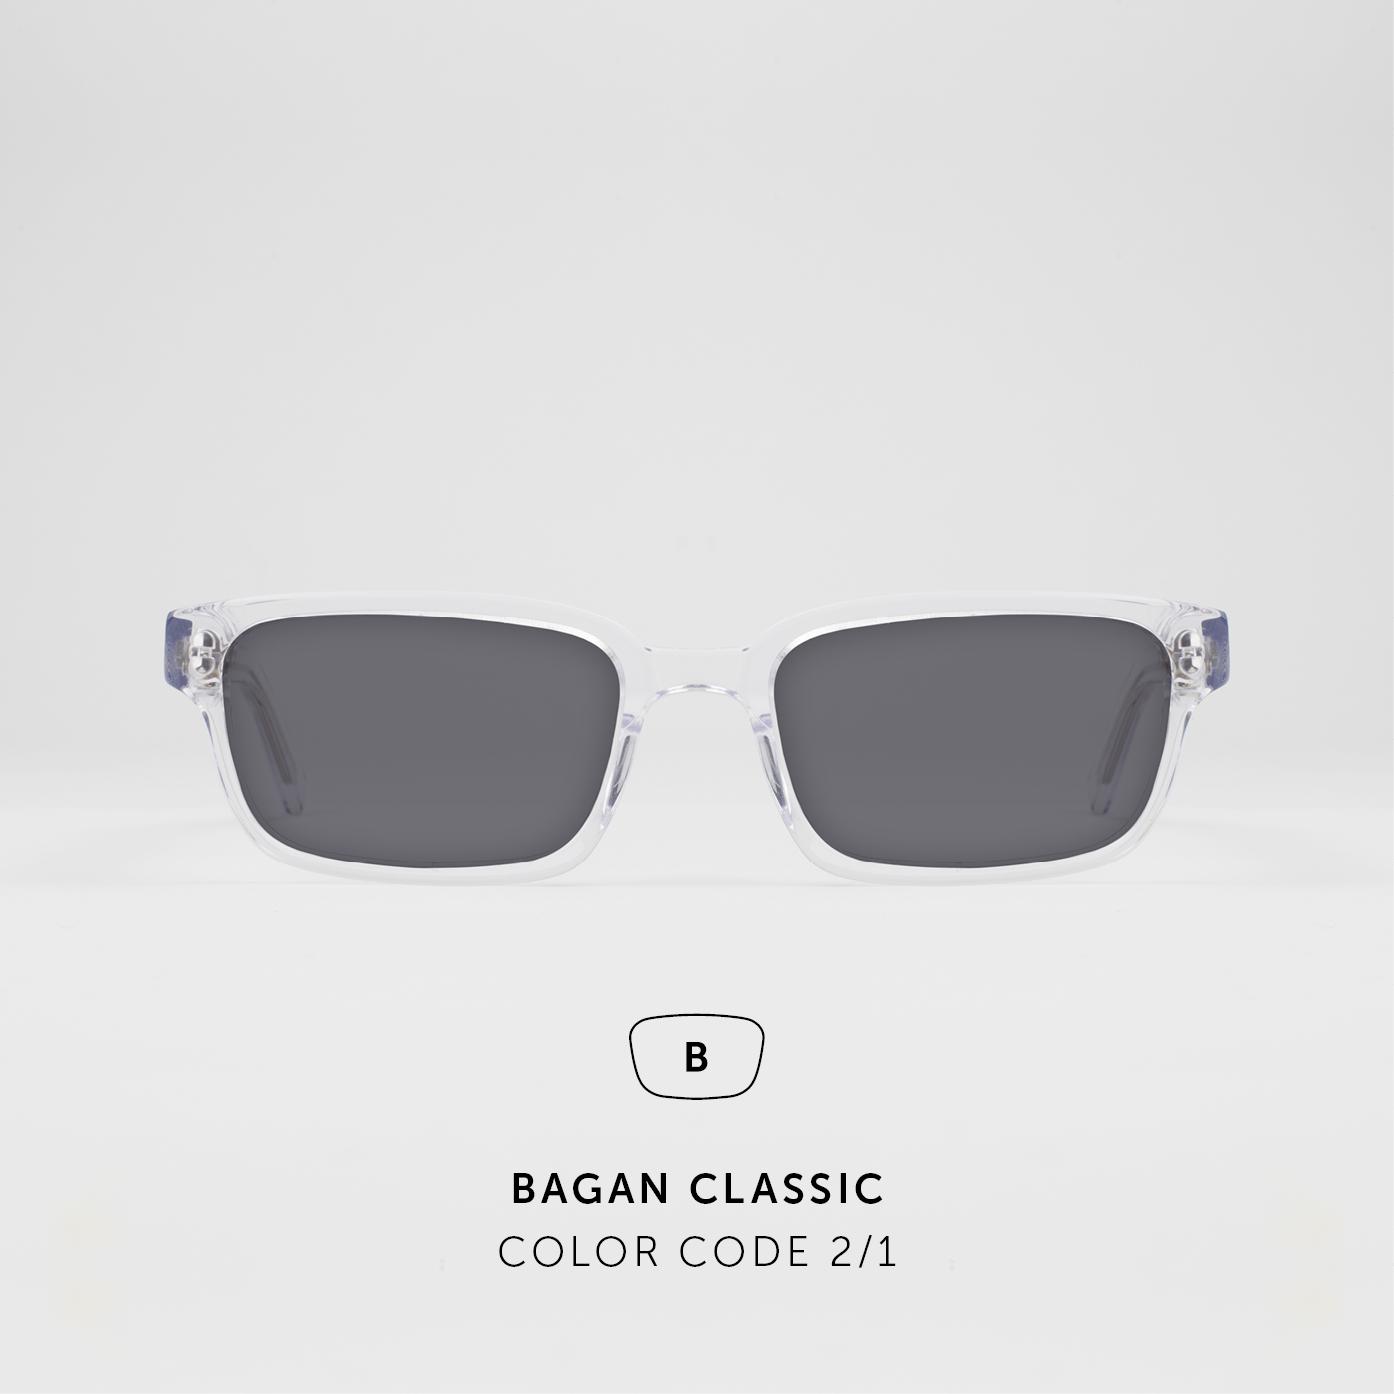 BaganClassic10.jpg